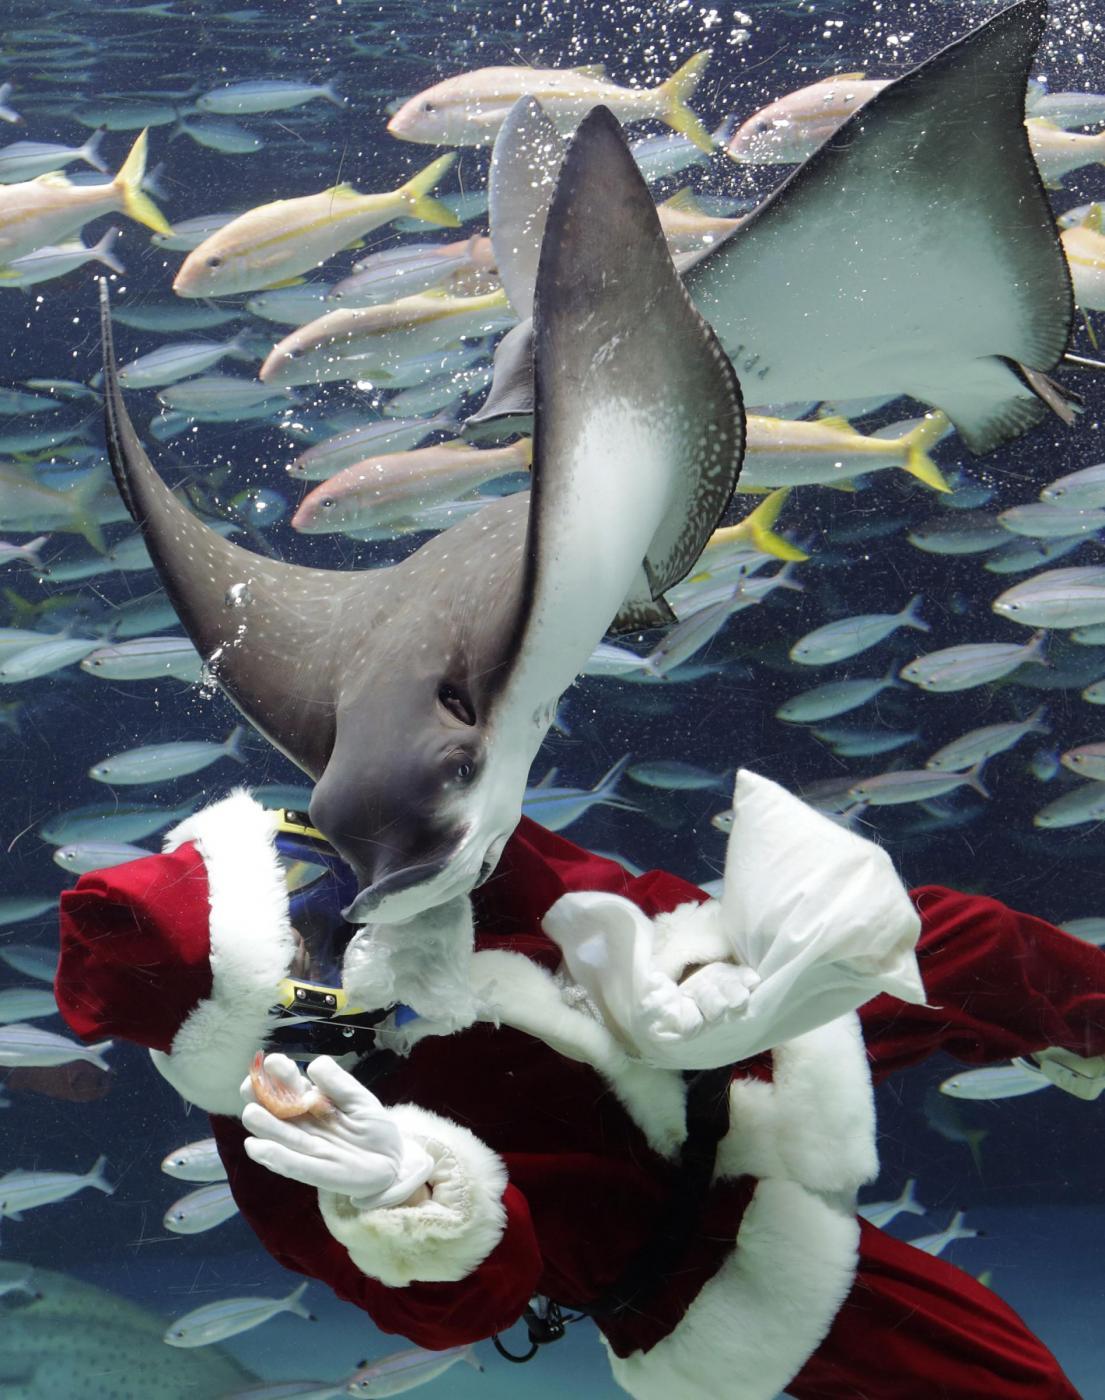 Babbo Natale versione sub all'acquario di Tokyo02